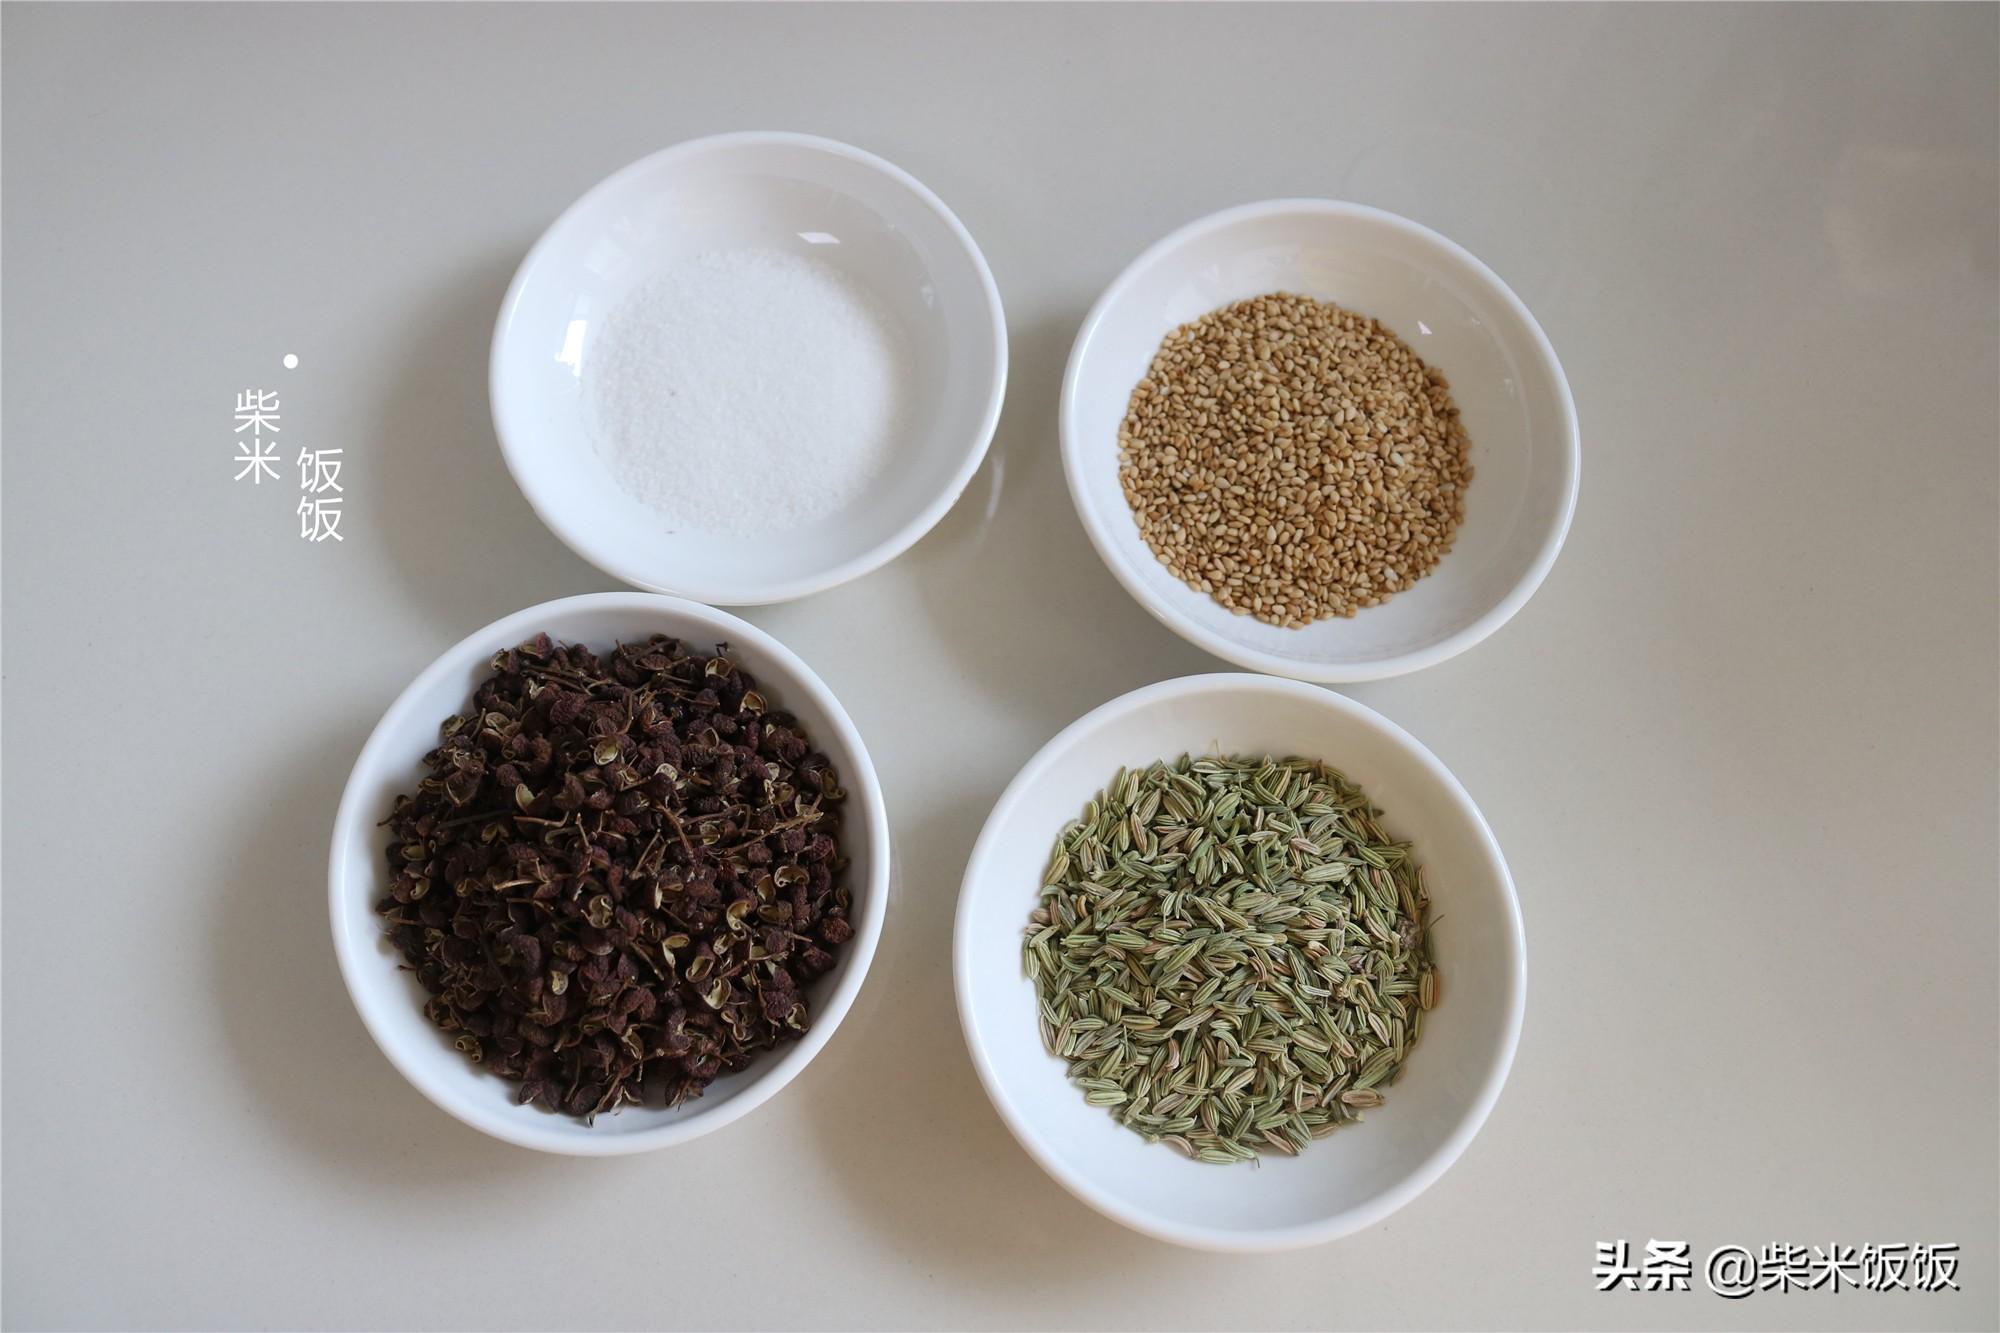 自製椒鹽粉,有這4種食材就夠了,香噴噴無添加,放心吃